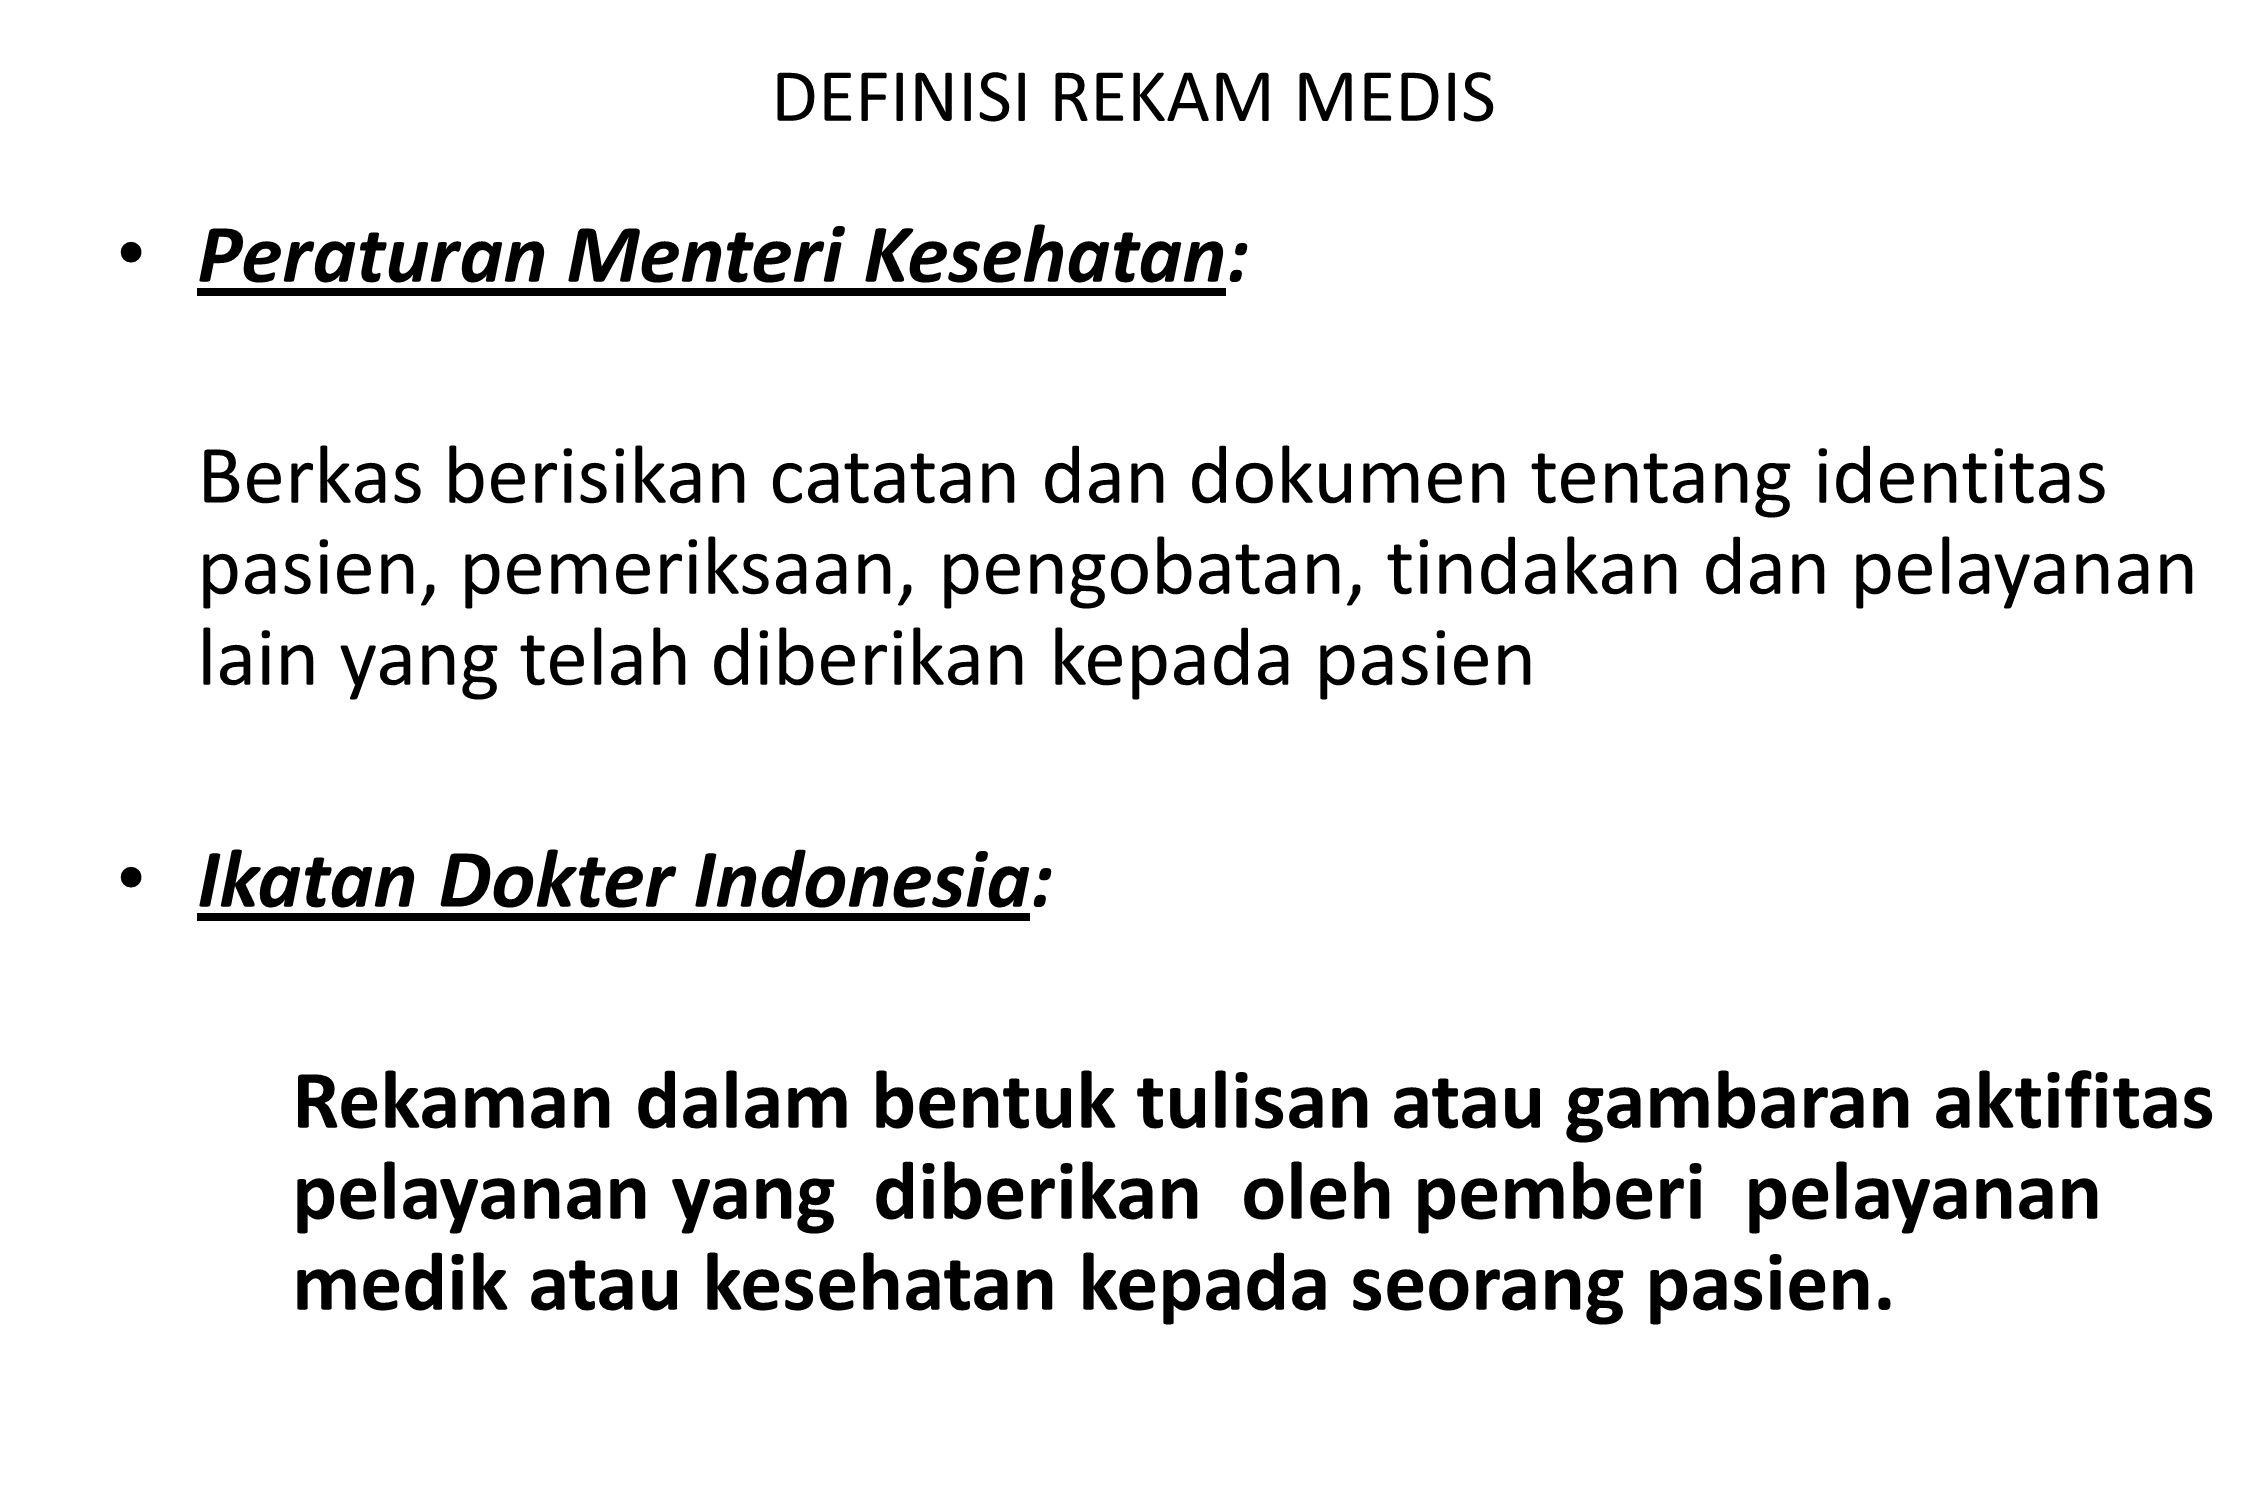 DEFINISI REKAM MEDIS Peraturan Menteri Kesehatan: Berkas berisikan catatan dan dokumen tentang identitas pasien, pemeriksaan, pengobatan, tindakan dan